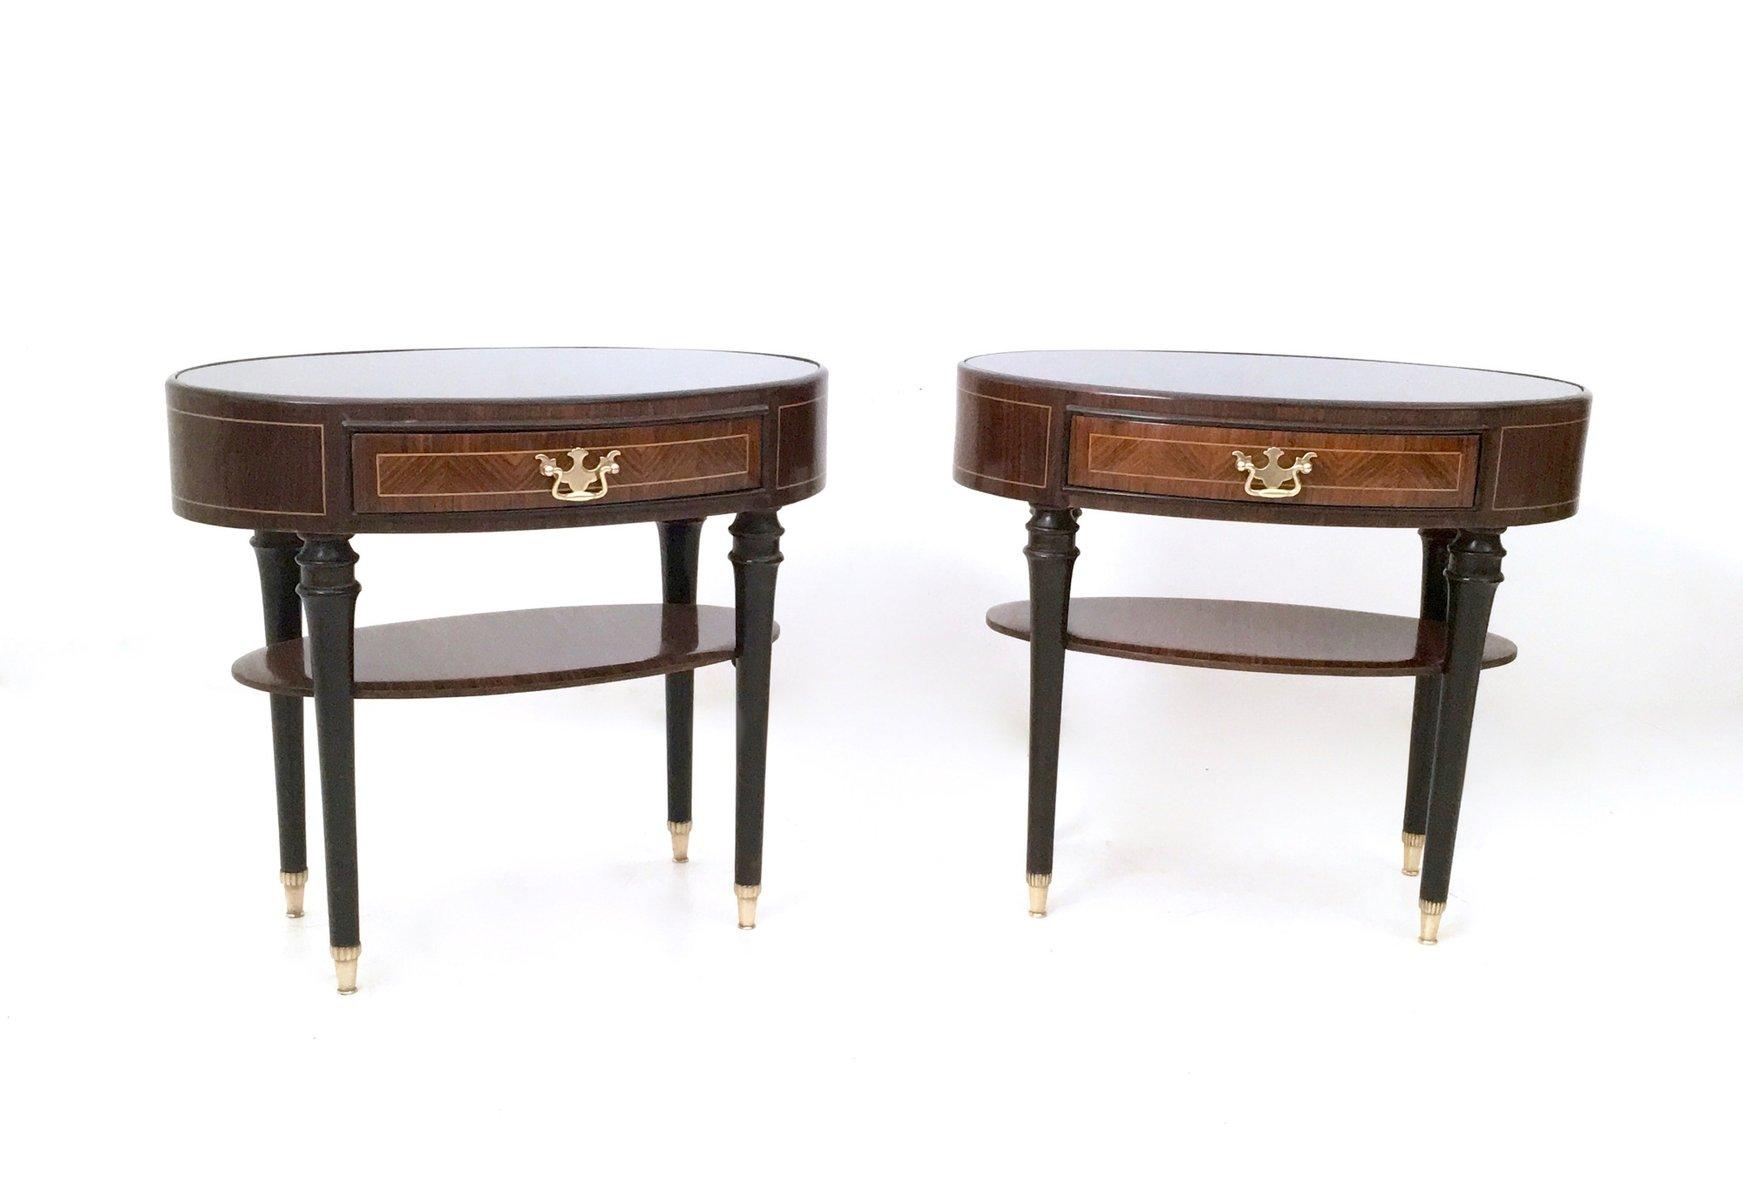 tables de chevet en bois noirci avec plateaux de verre italie 1950s set de 2 en vente sur pamono. Black Bedroom Furniture Sets. Home Design Ideas